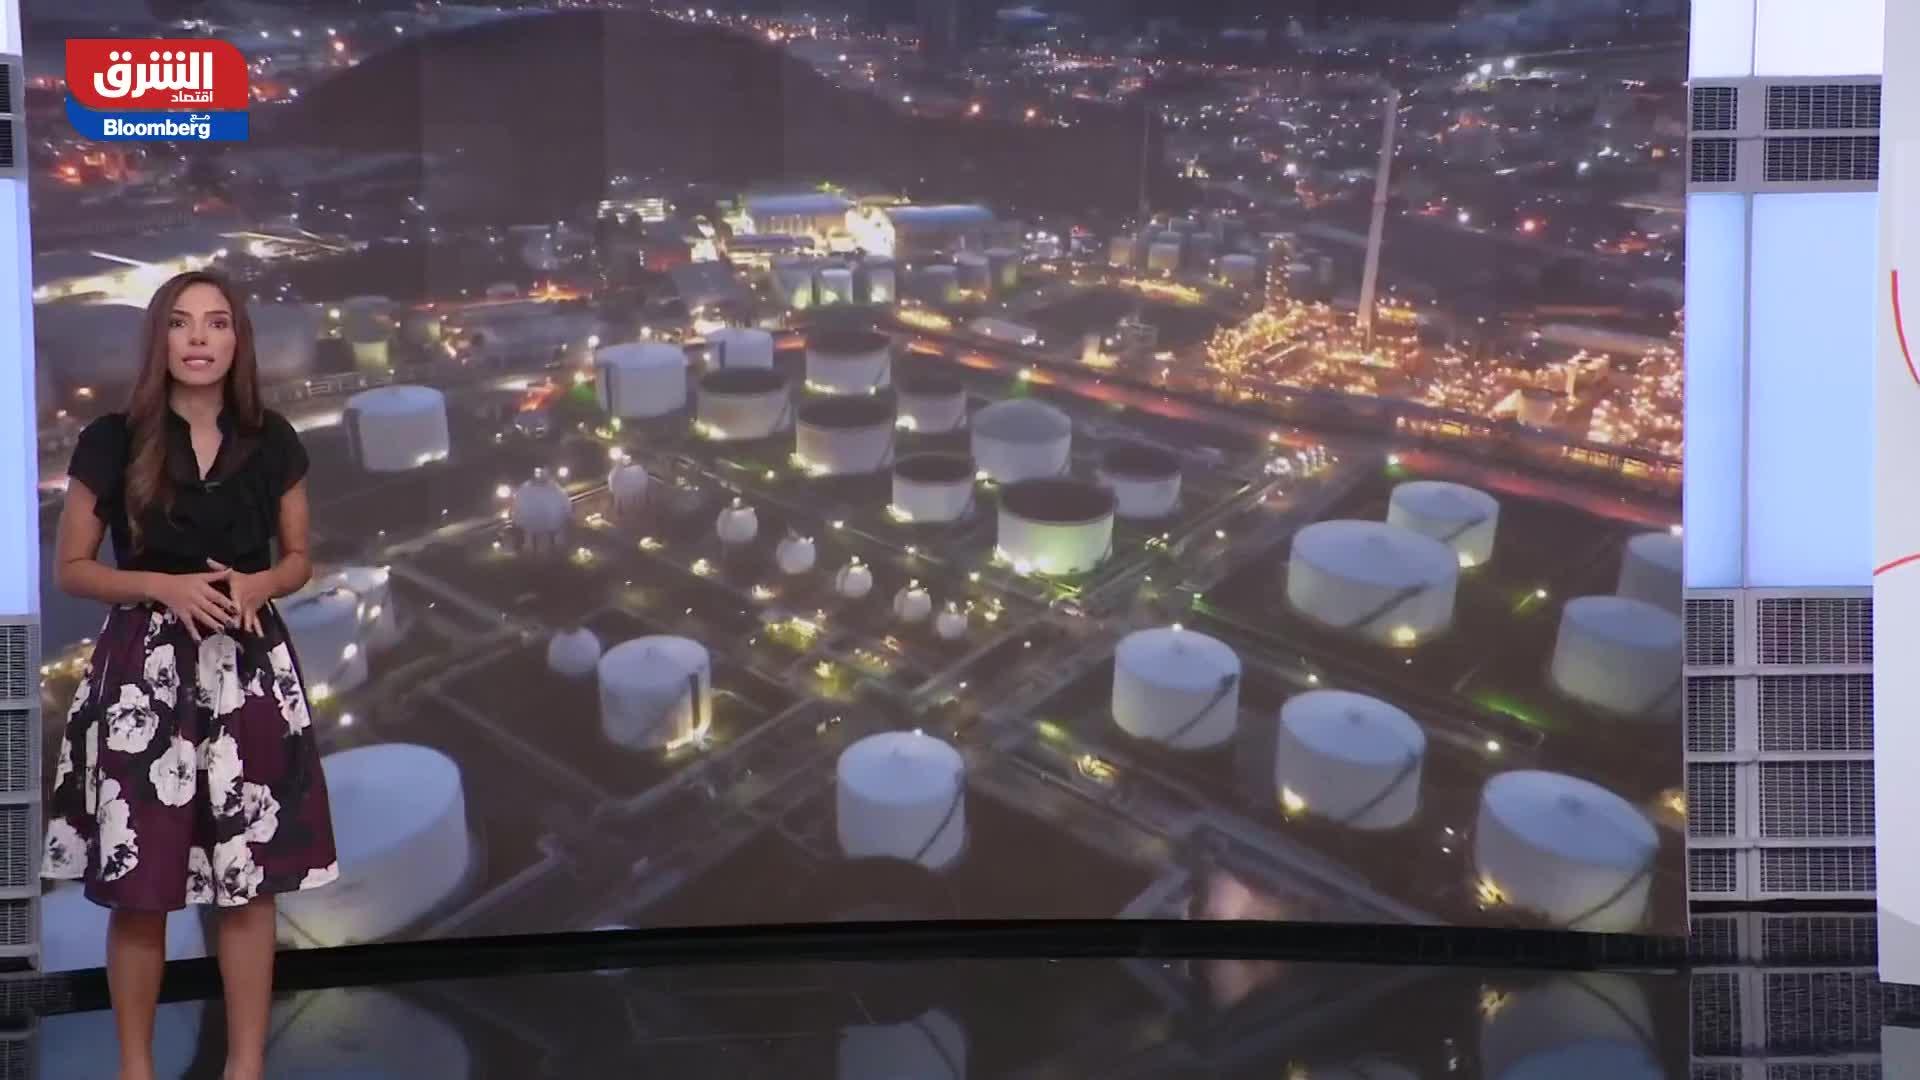 السعودية تنشئ مناطق اقتصادية خاصة لجذب المزيد من الاستثمارات العالمية 